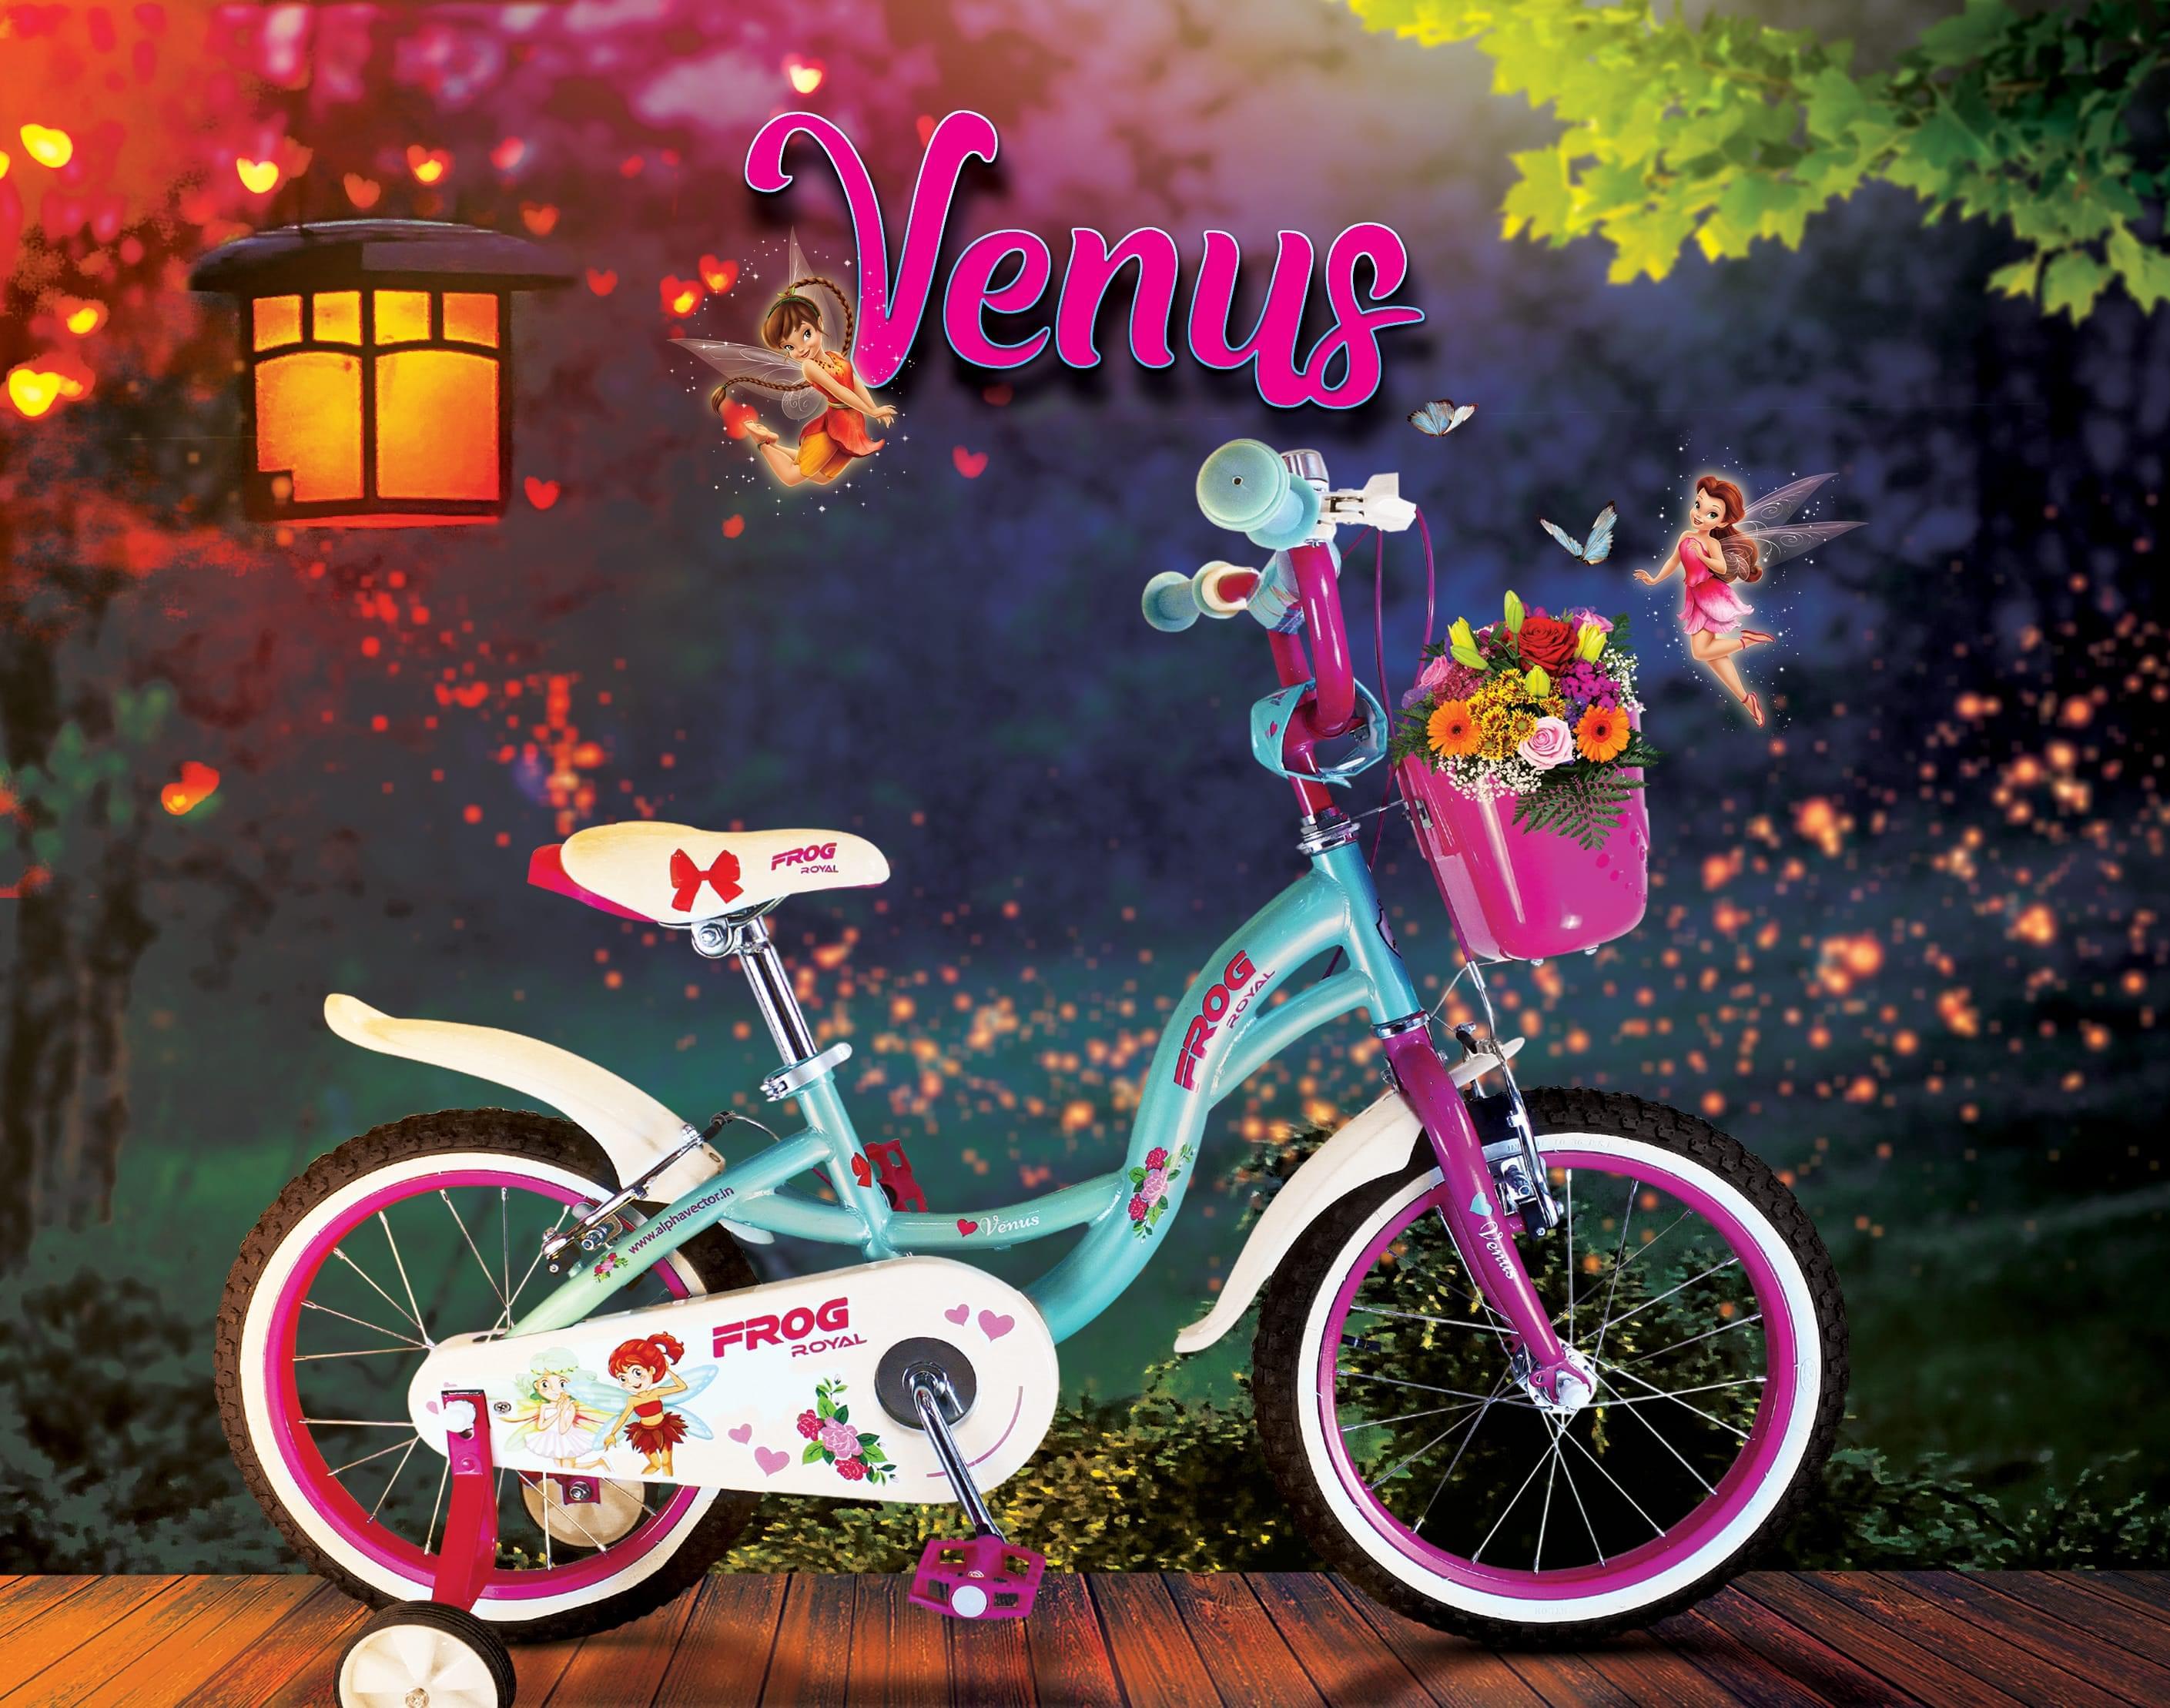 Venus 16 image 2